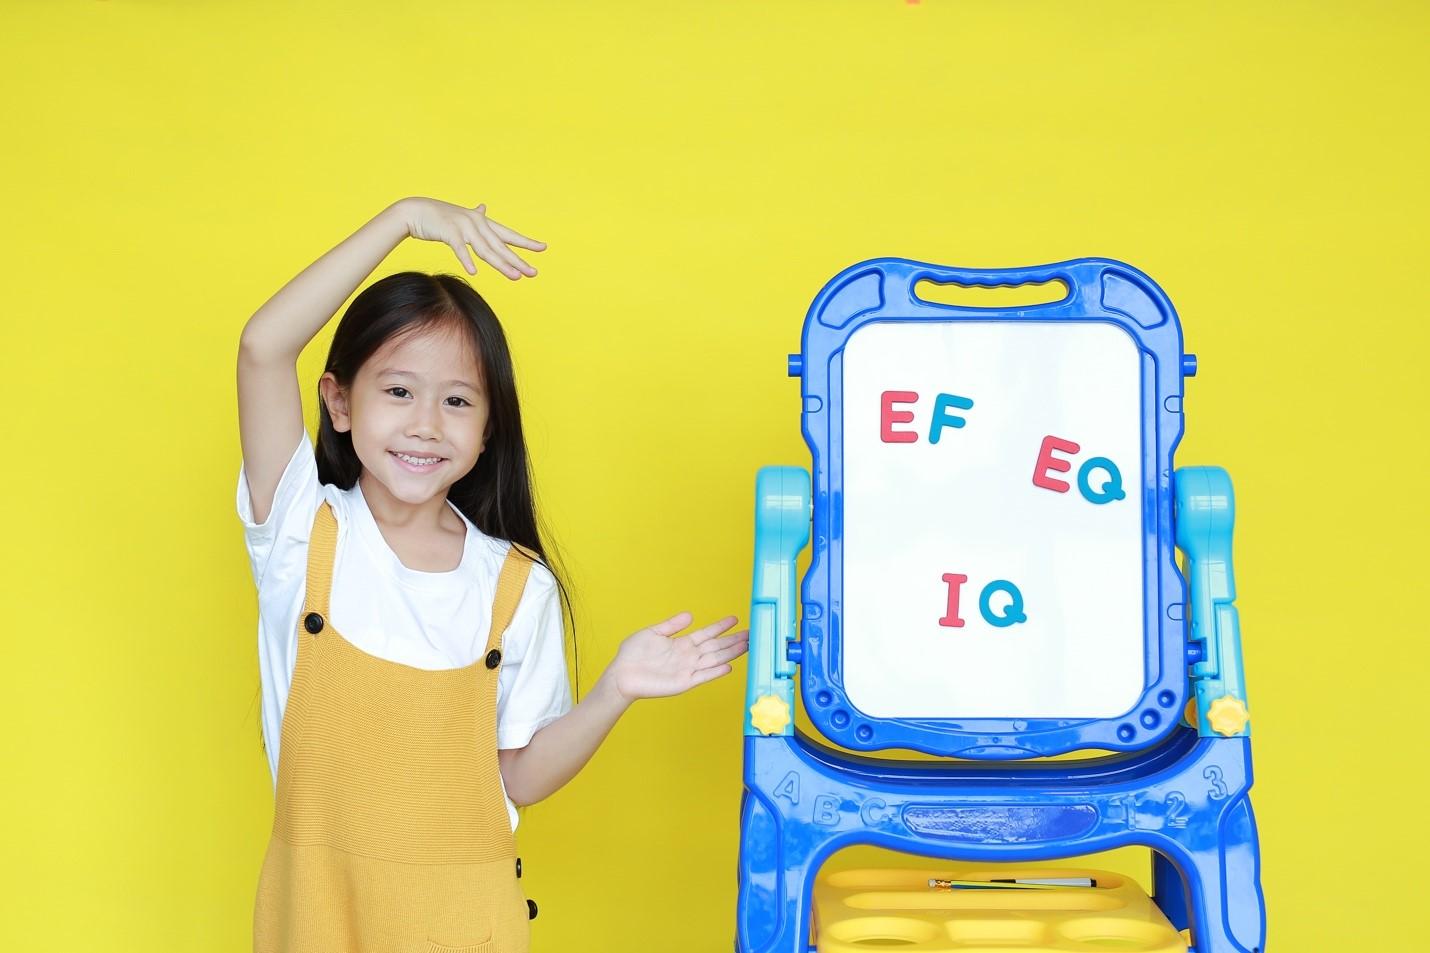 Công nghệ gen di truyền góp phần cải tiến chỉ số EQ trẻ em - Ảnh 1.